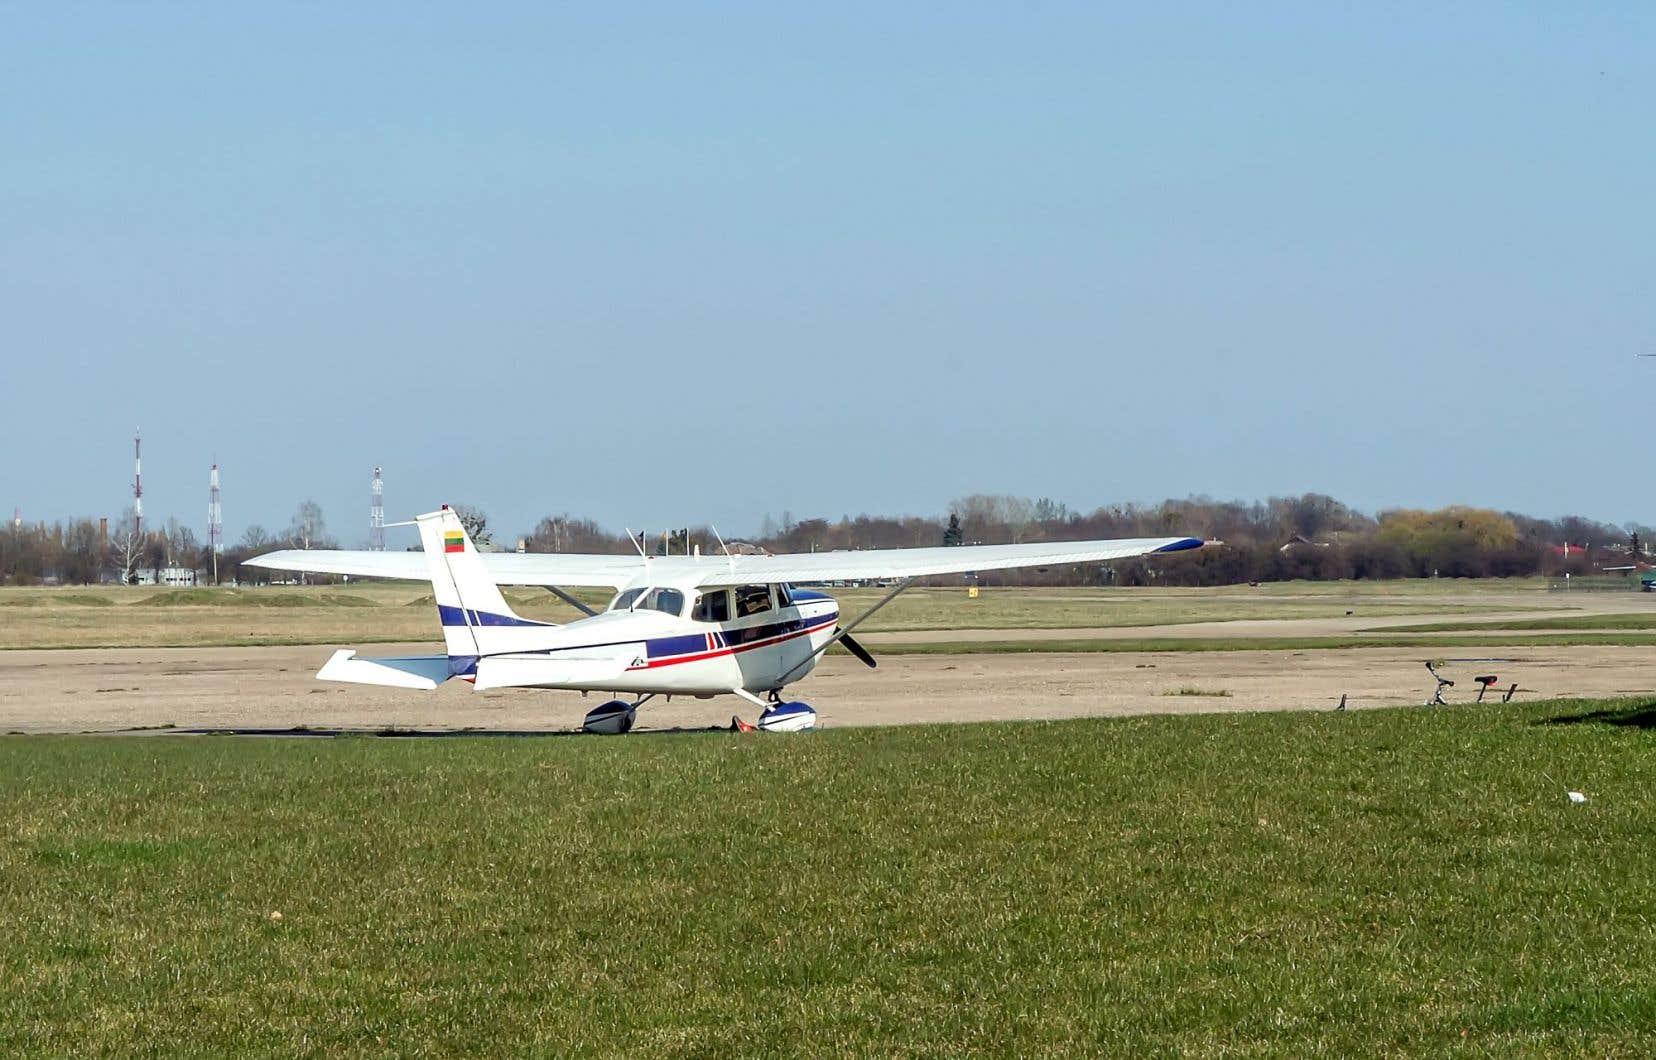 En 2011, les propriétaires d'une terre à Pintendre ont commencé à faire des tests pour accueillir une école de parachutisme.